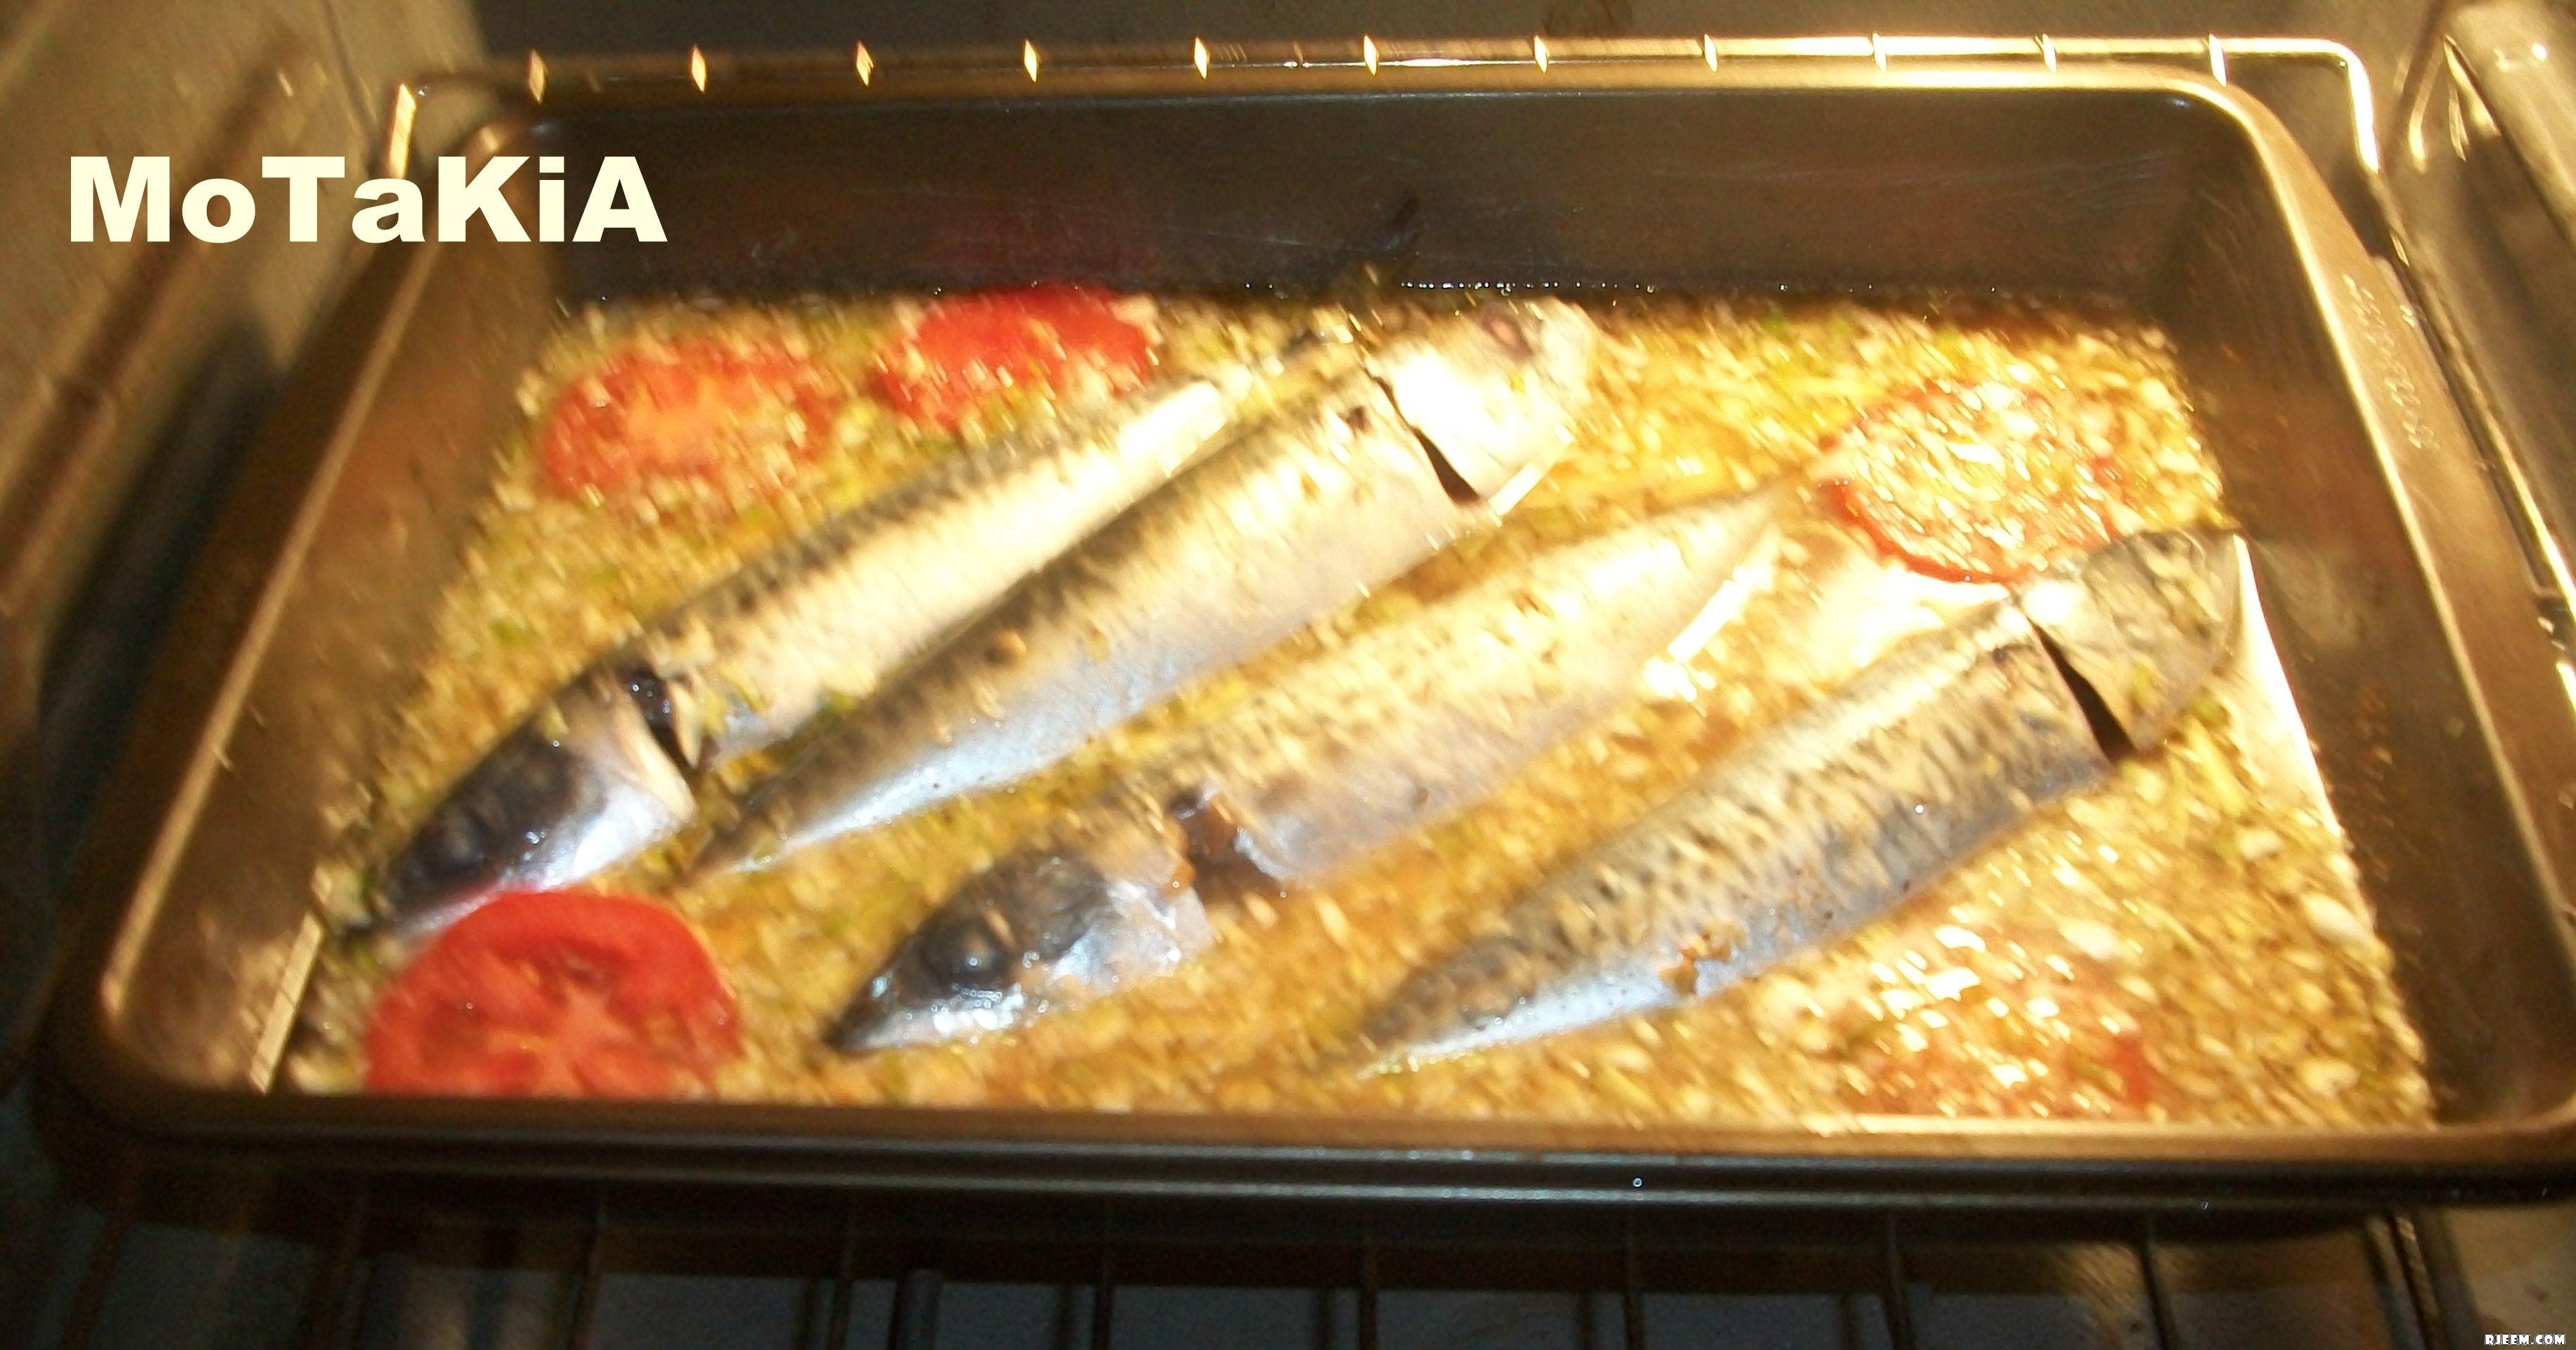 سمك الماكرو في الفرن على طريقتي 13426001635.jpg